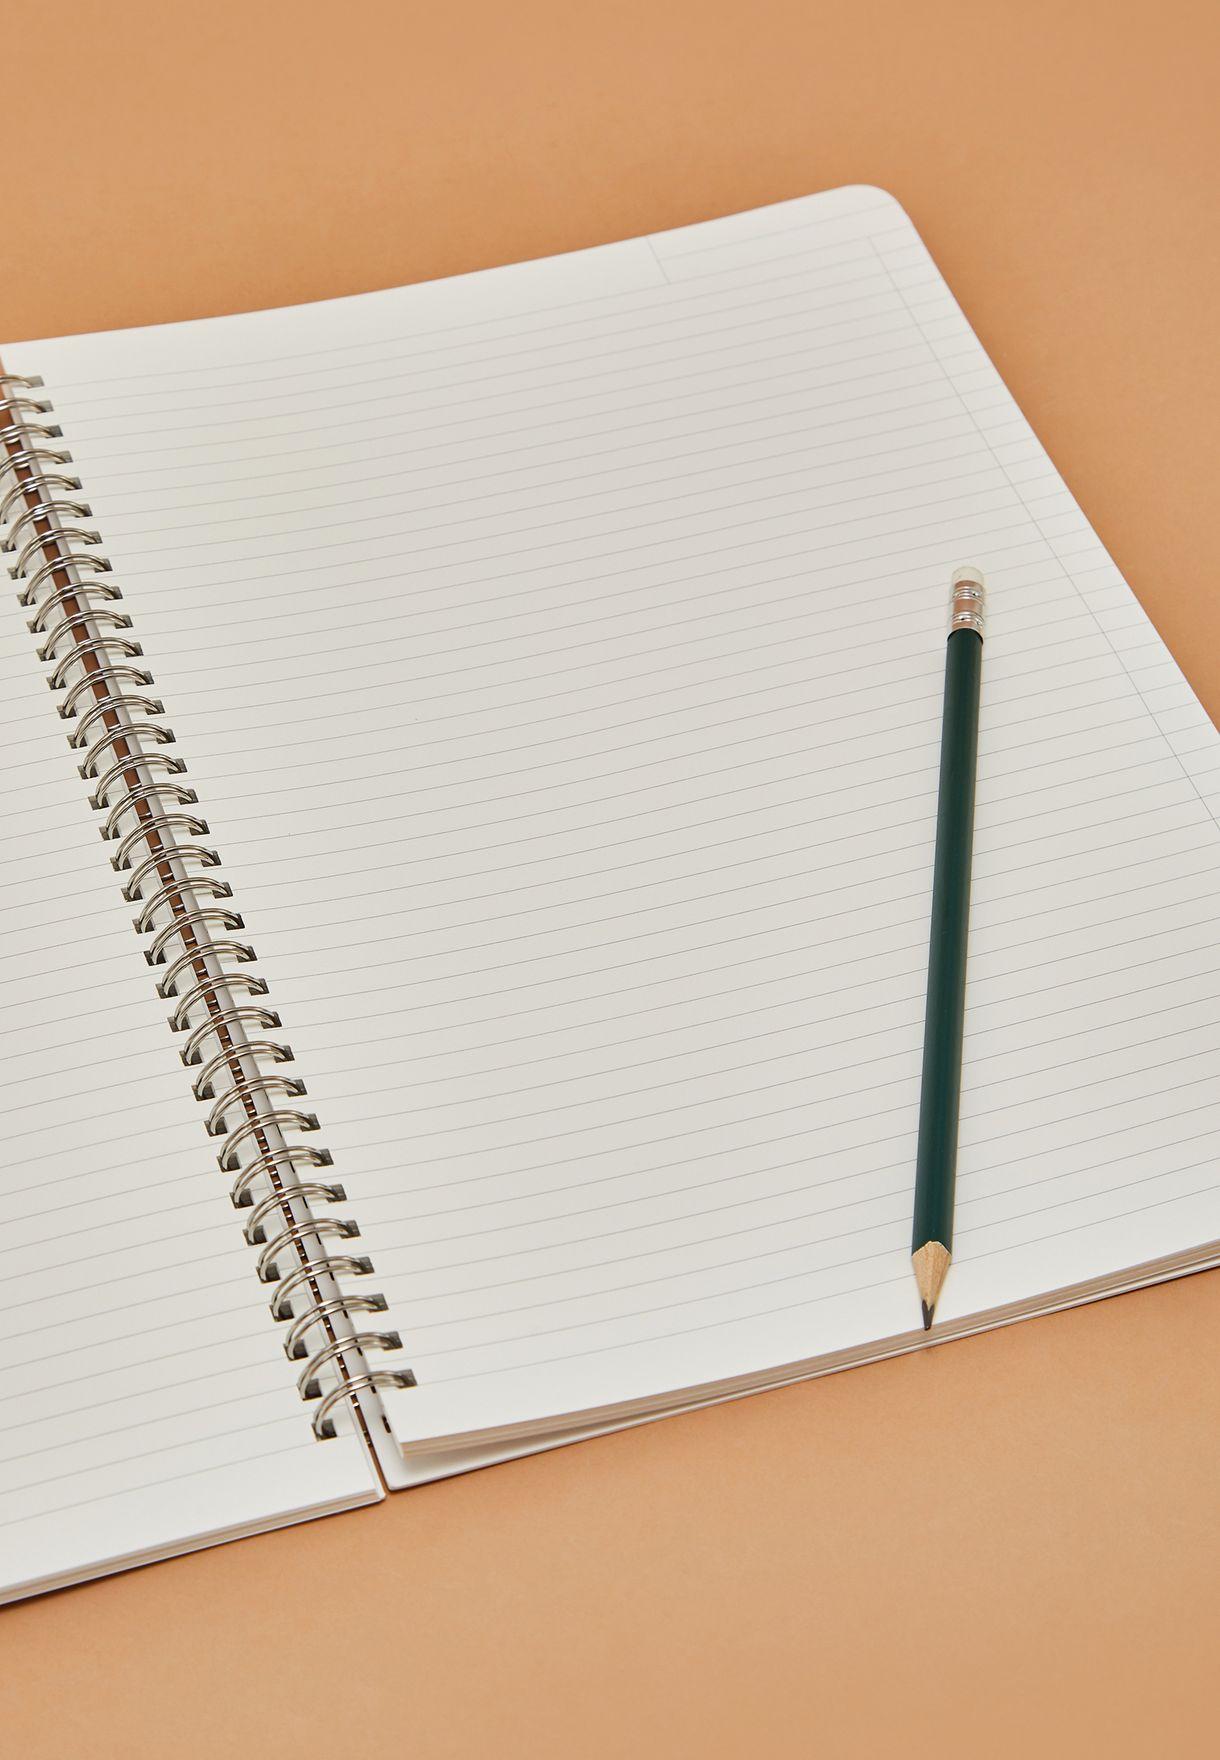 دفتر ملاحظات A4 بطباعة جرافيك